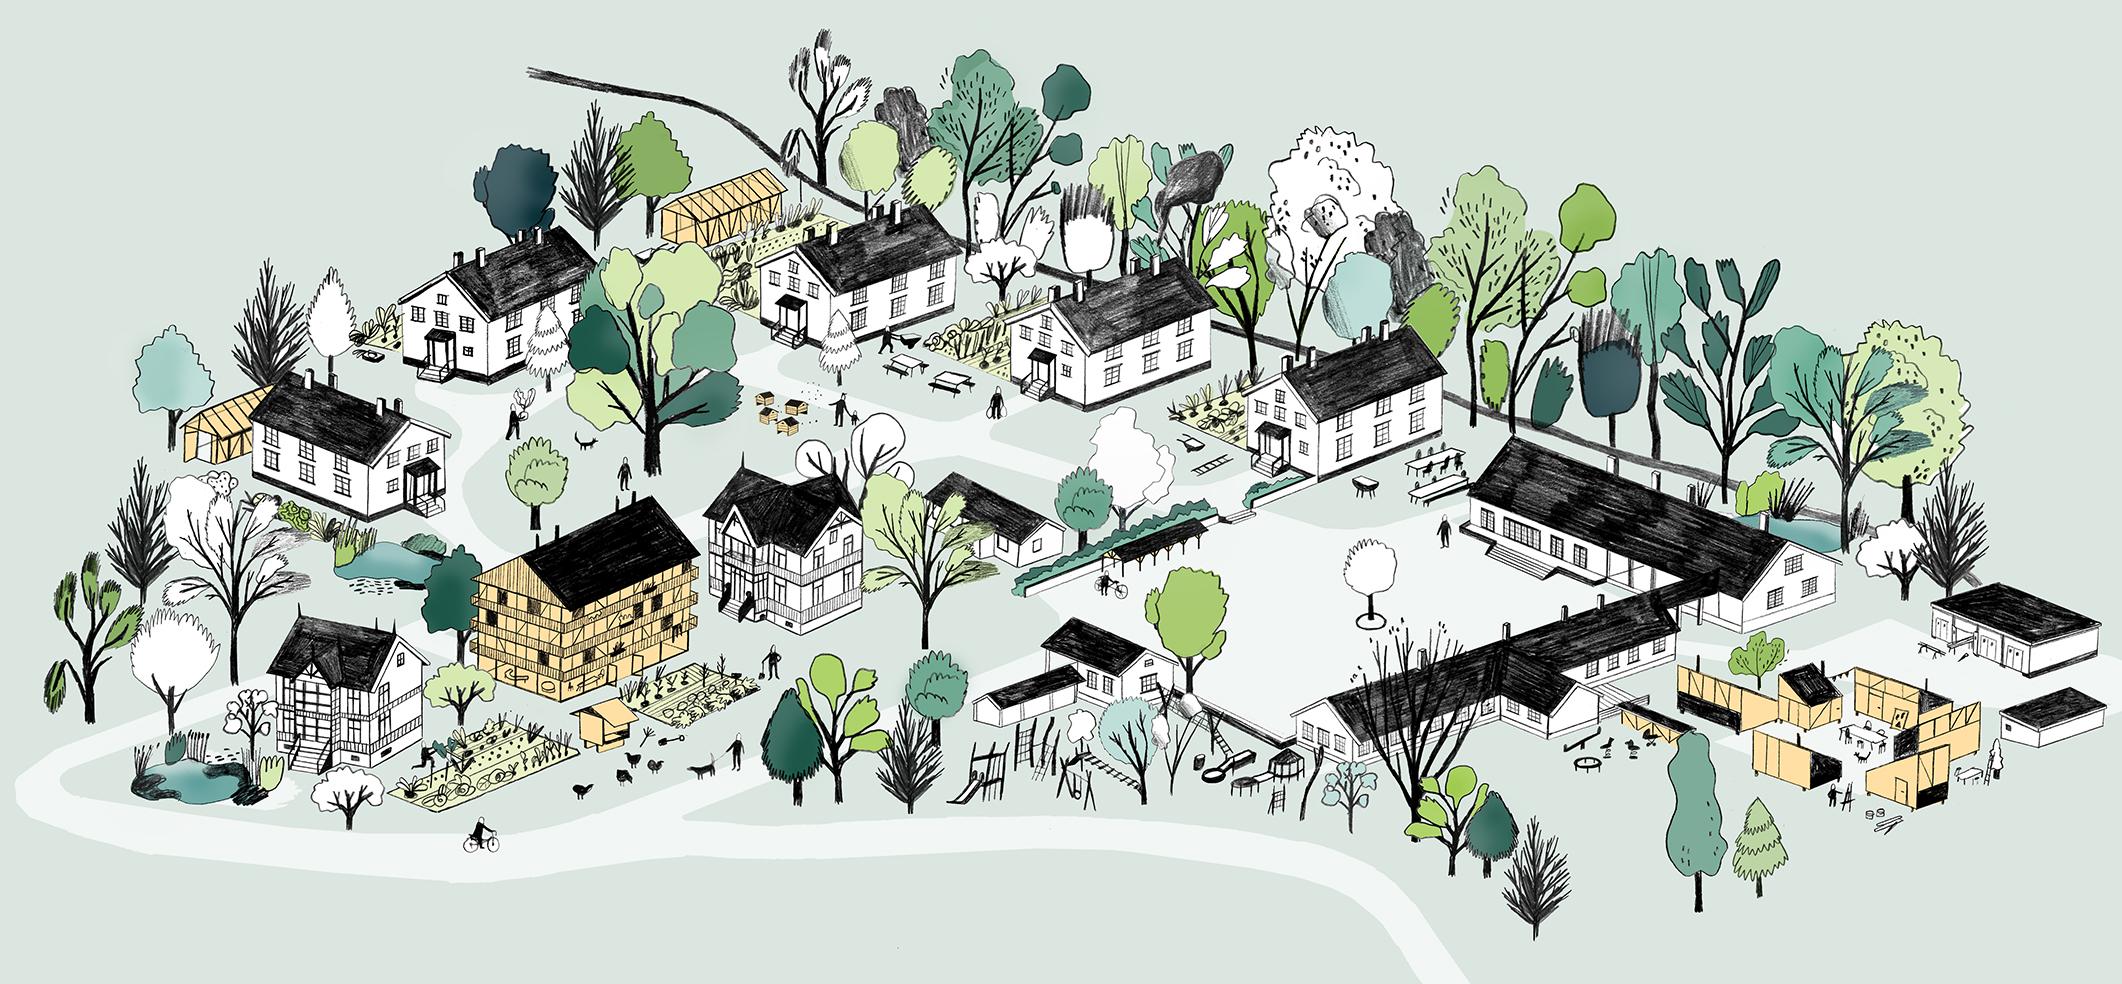 Ormsundveien økogrend. - Illustration Eriksen Skajaa